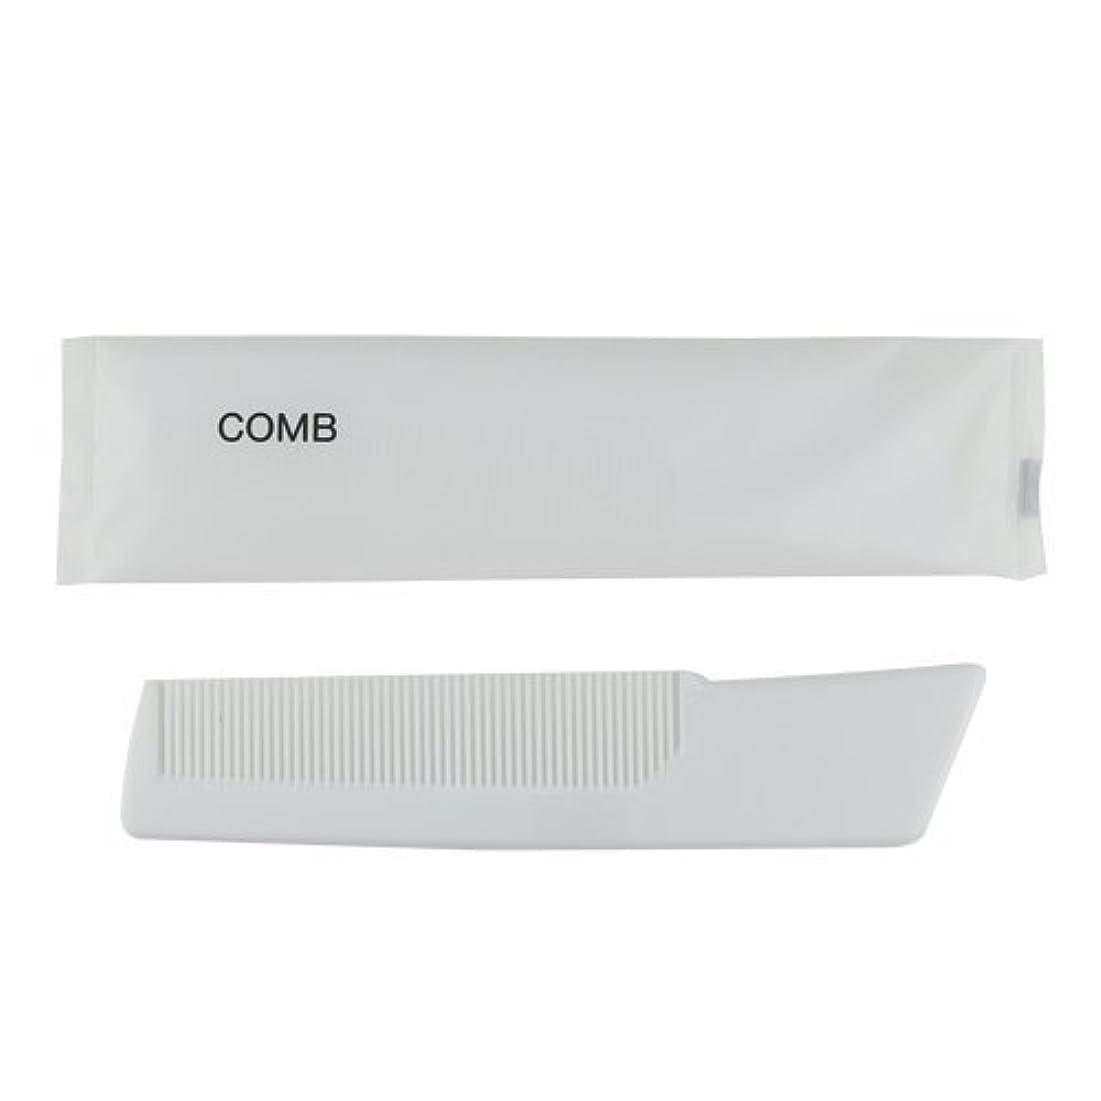 ギネスハーブ抵抗アメニティ コーム ブラシ×10個セット - 業務用 個包装 ポケットクシ ホテルアメニティ